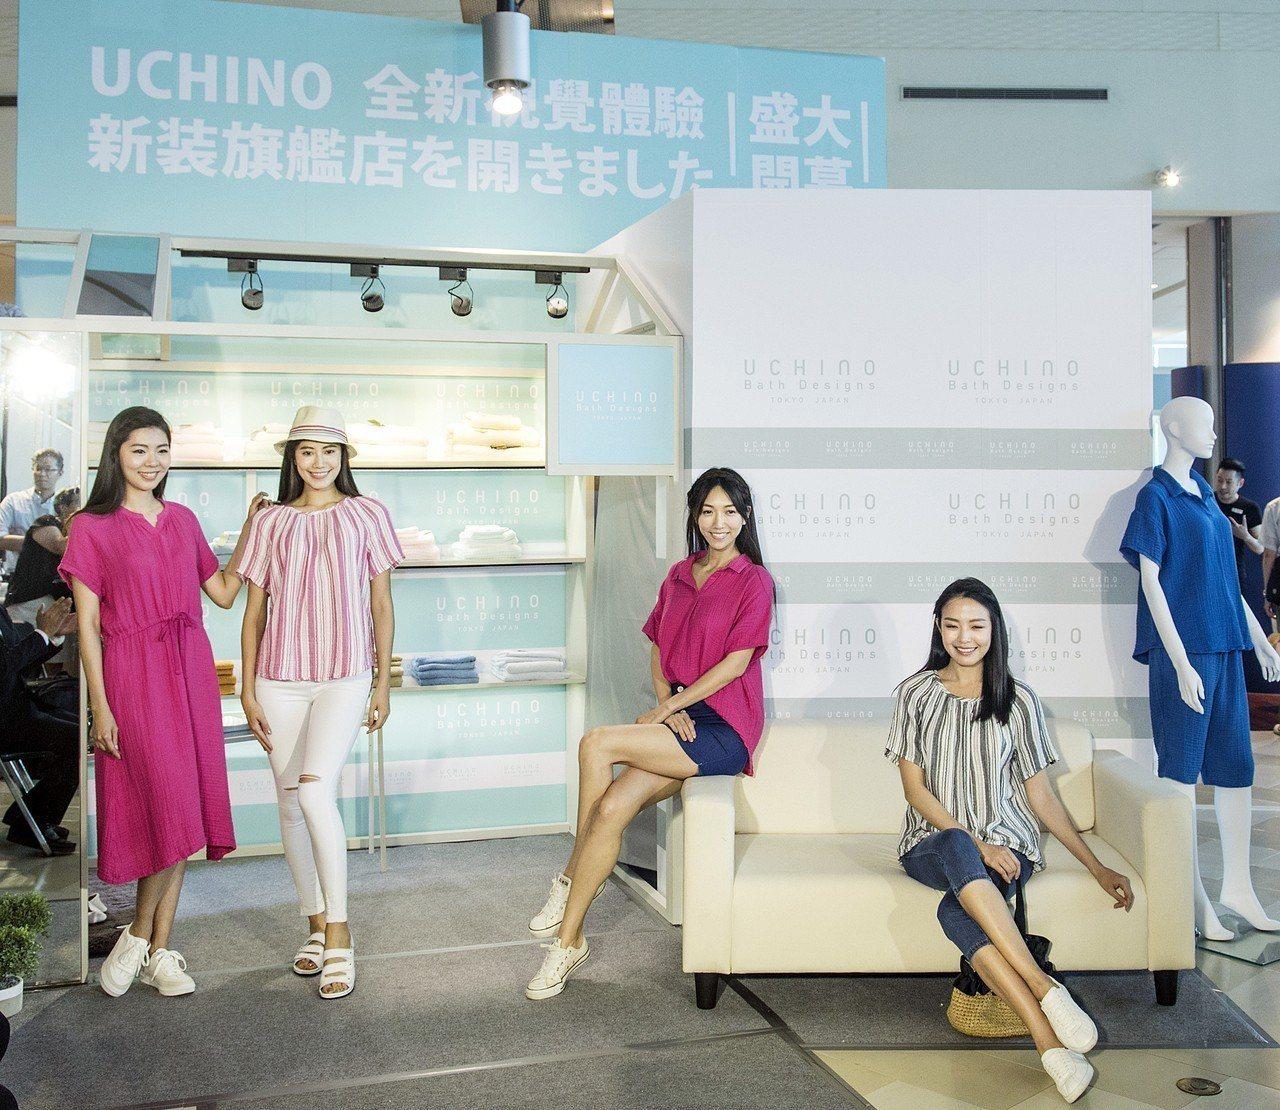 UCHINO棉花糖三重紗系列2018新裝上市。圖/UCHINO提供